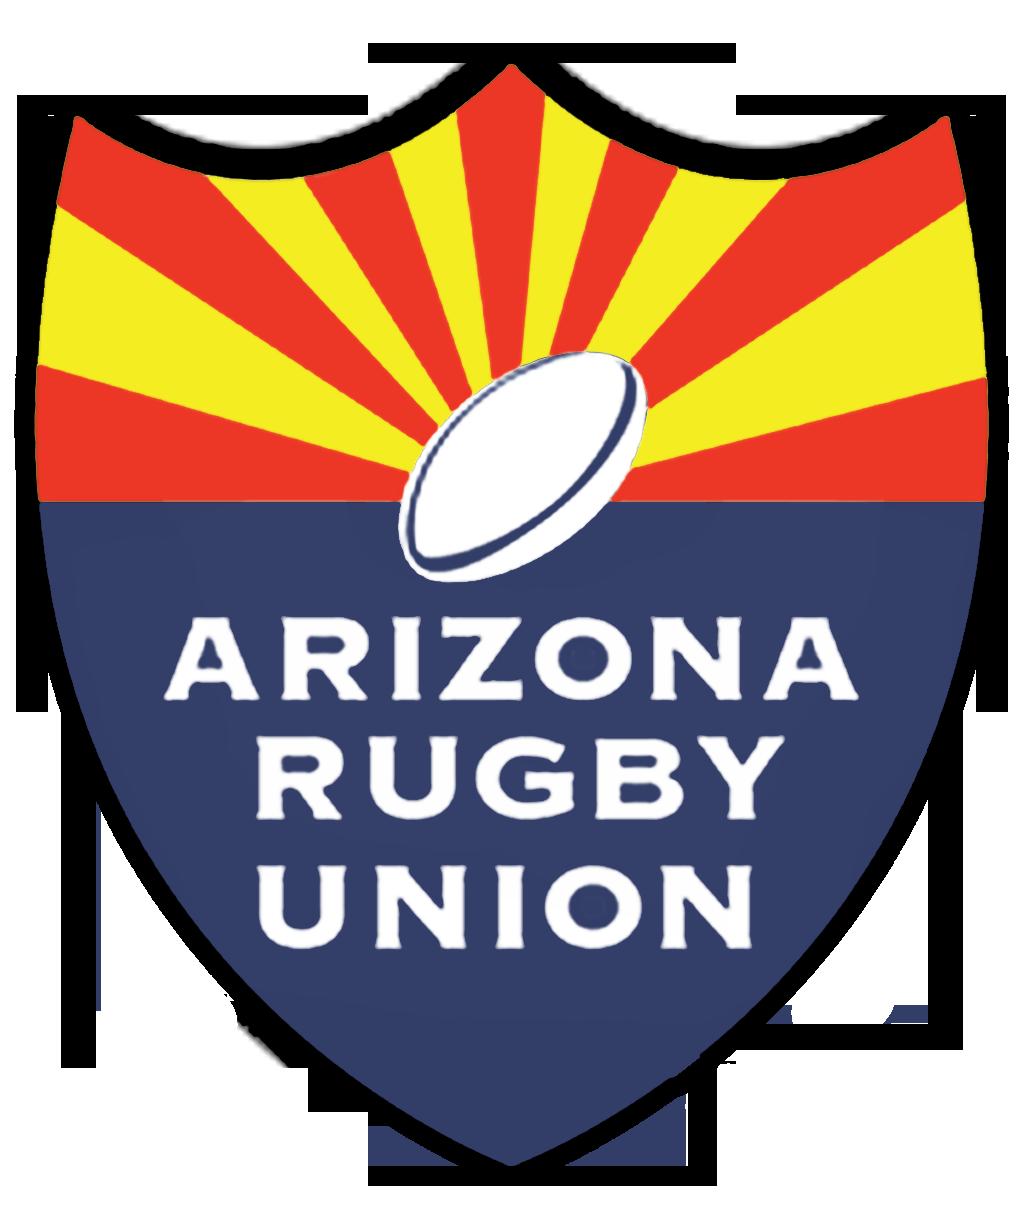 RugbyLogo-v2-xsmall-e1395265752385